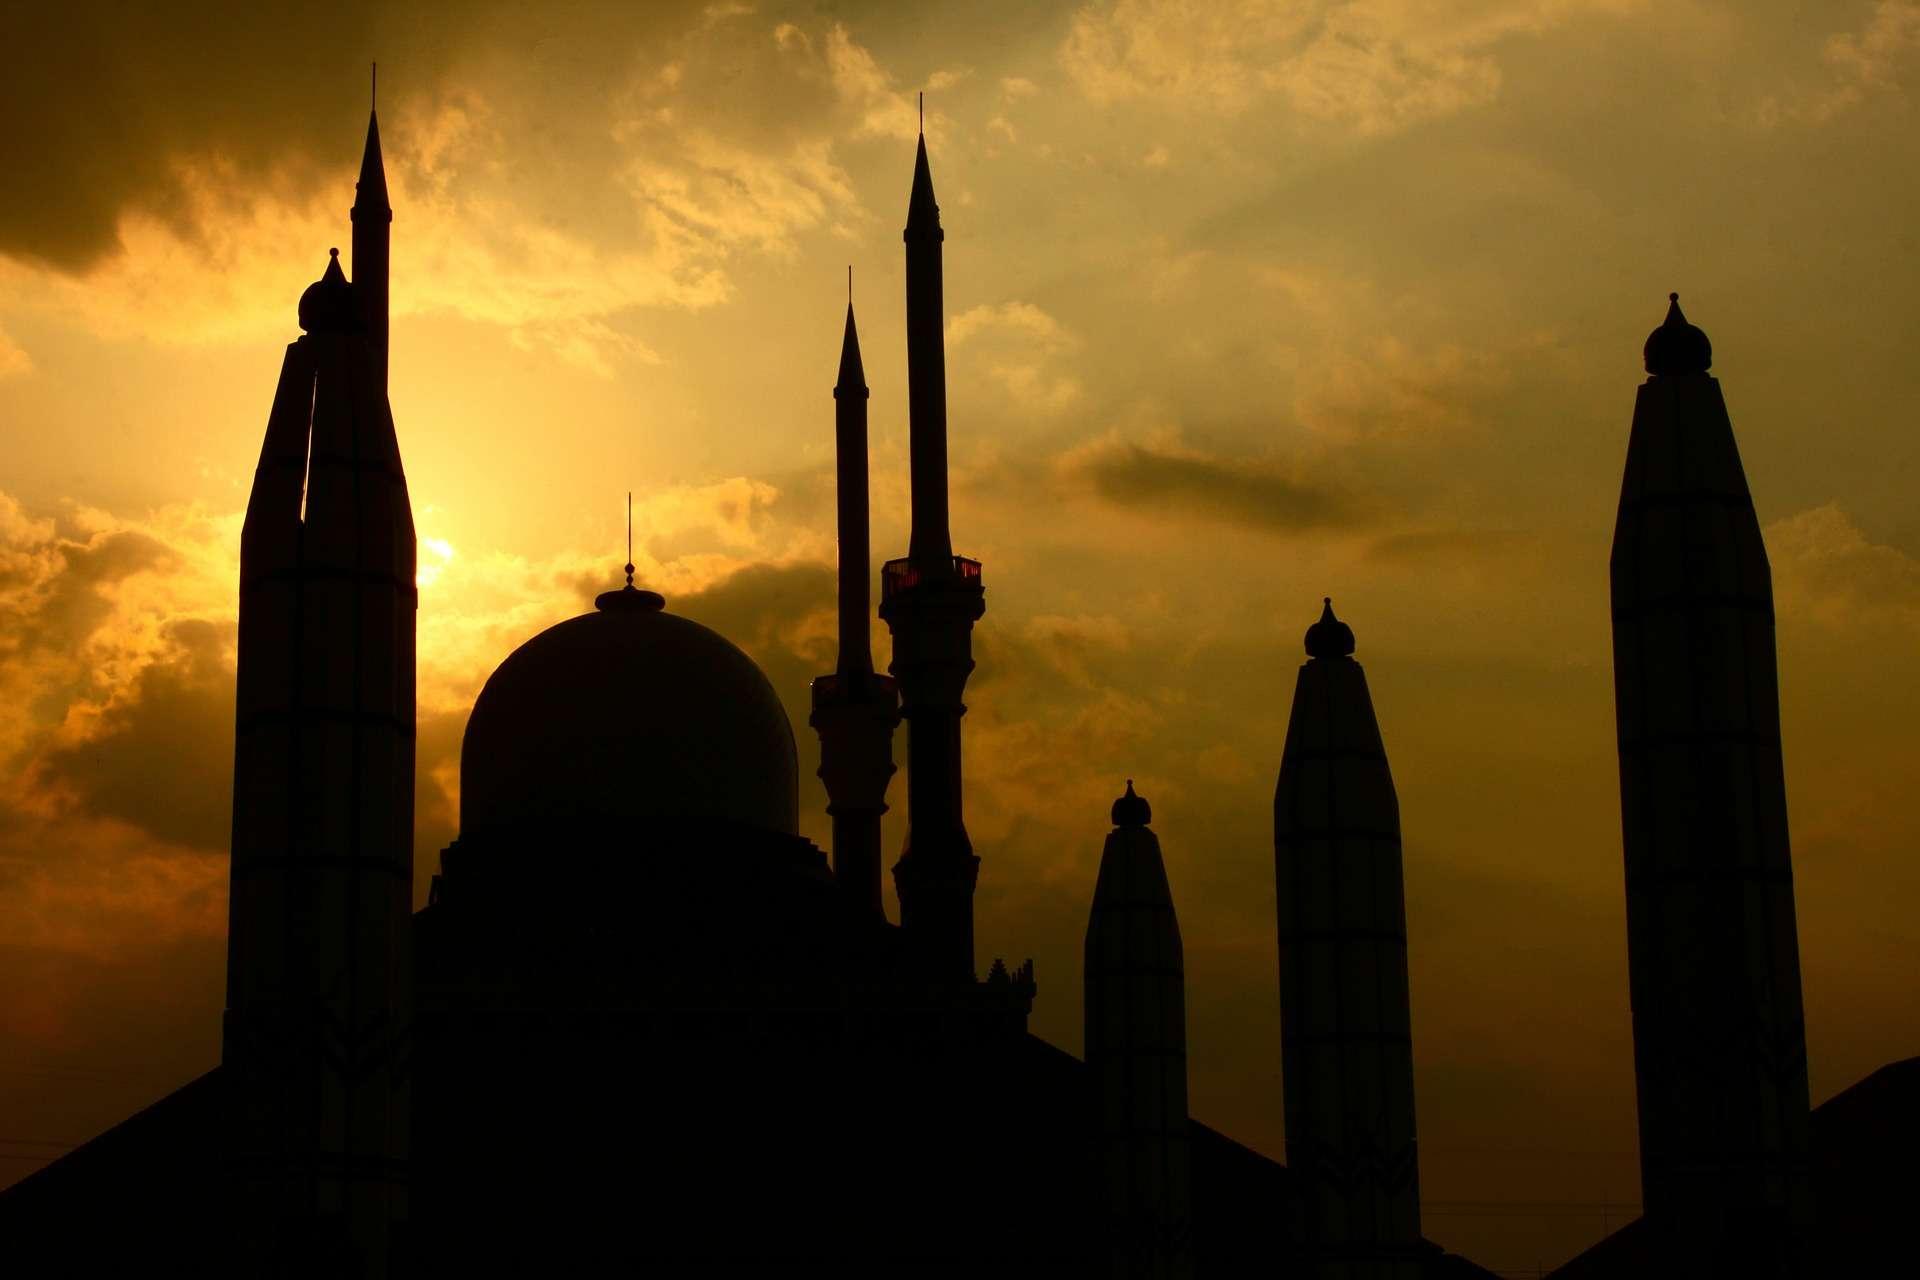 Bacaan Doa Iftitah Dalam Bahasa Arab Dan Terjemahannya Serta Fadhilat